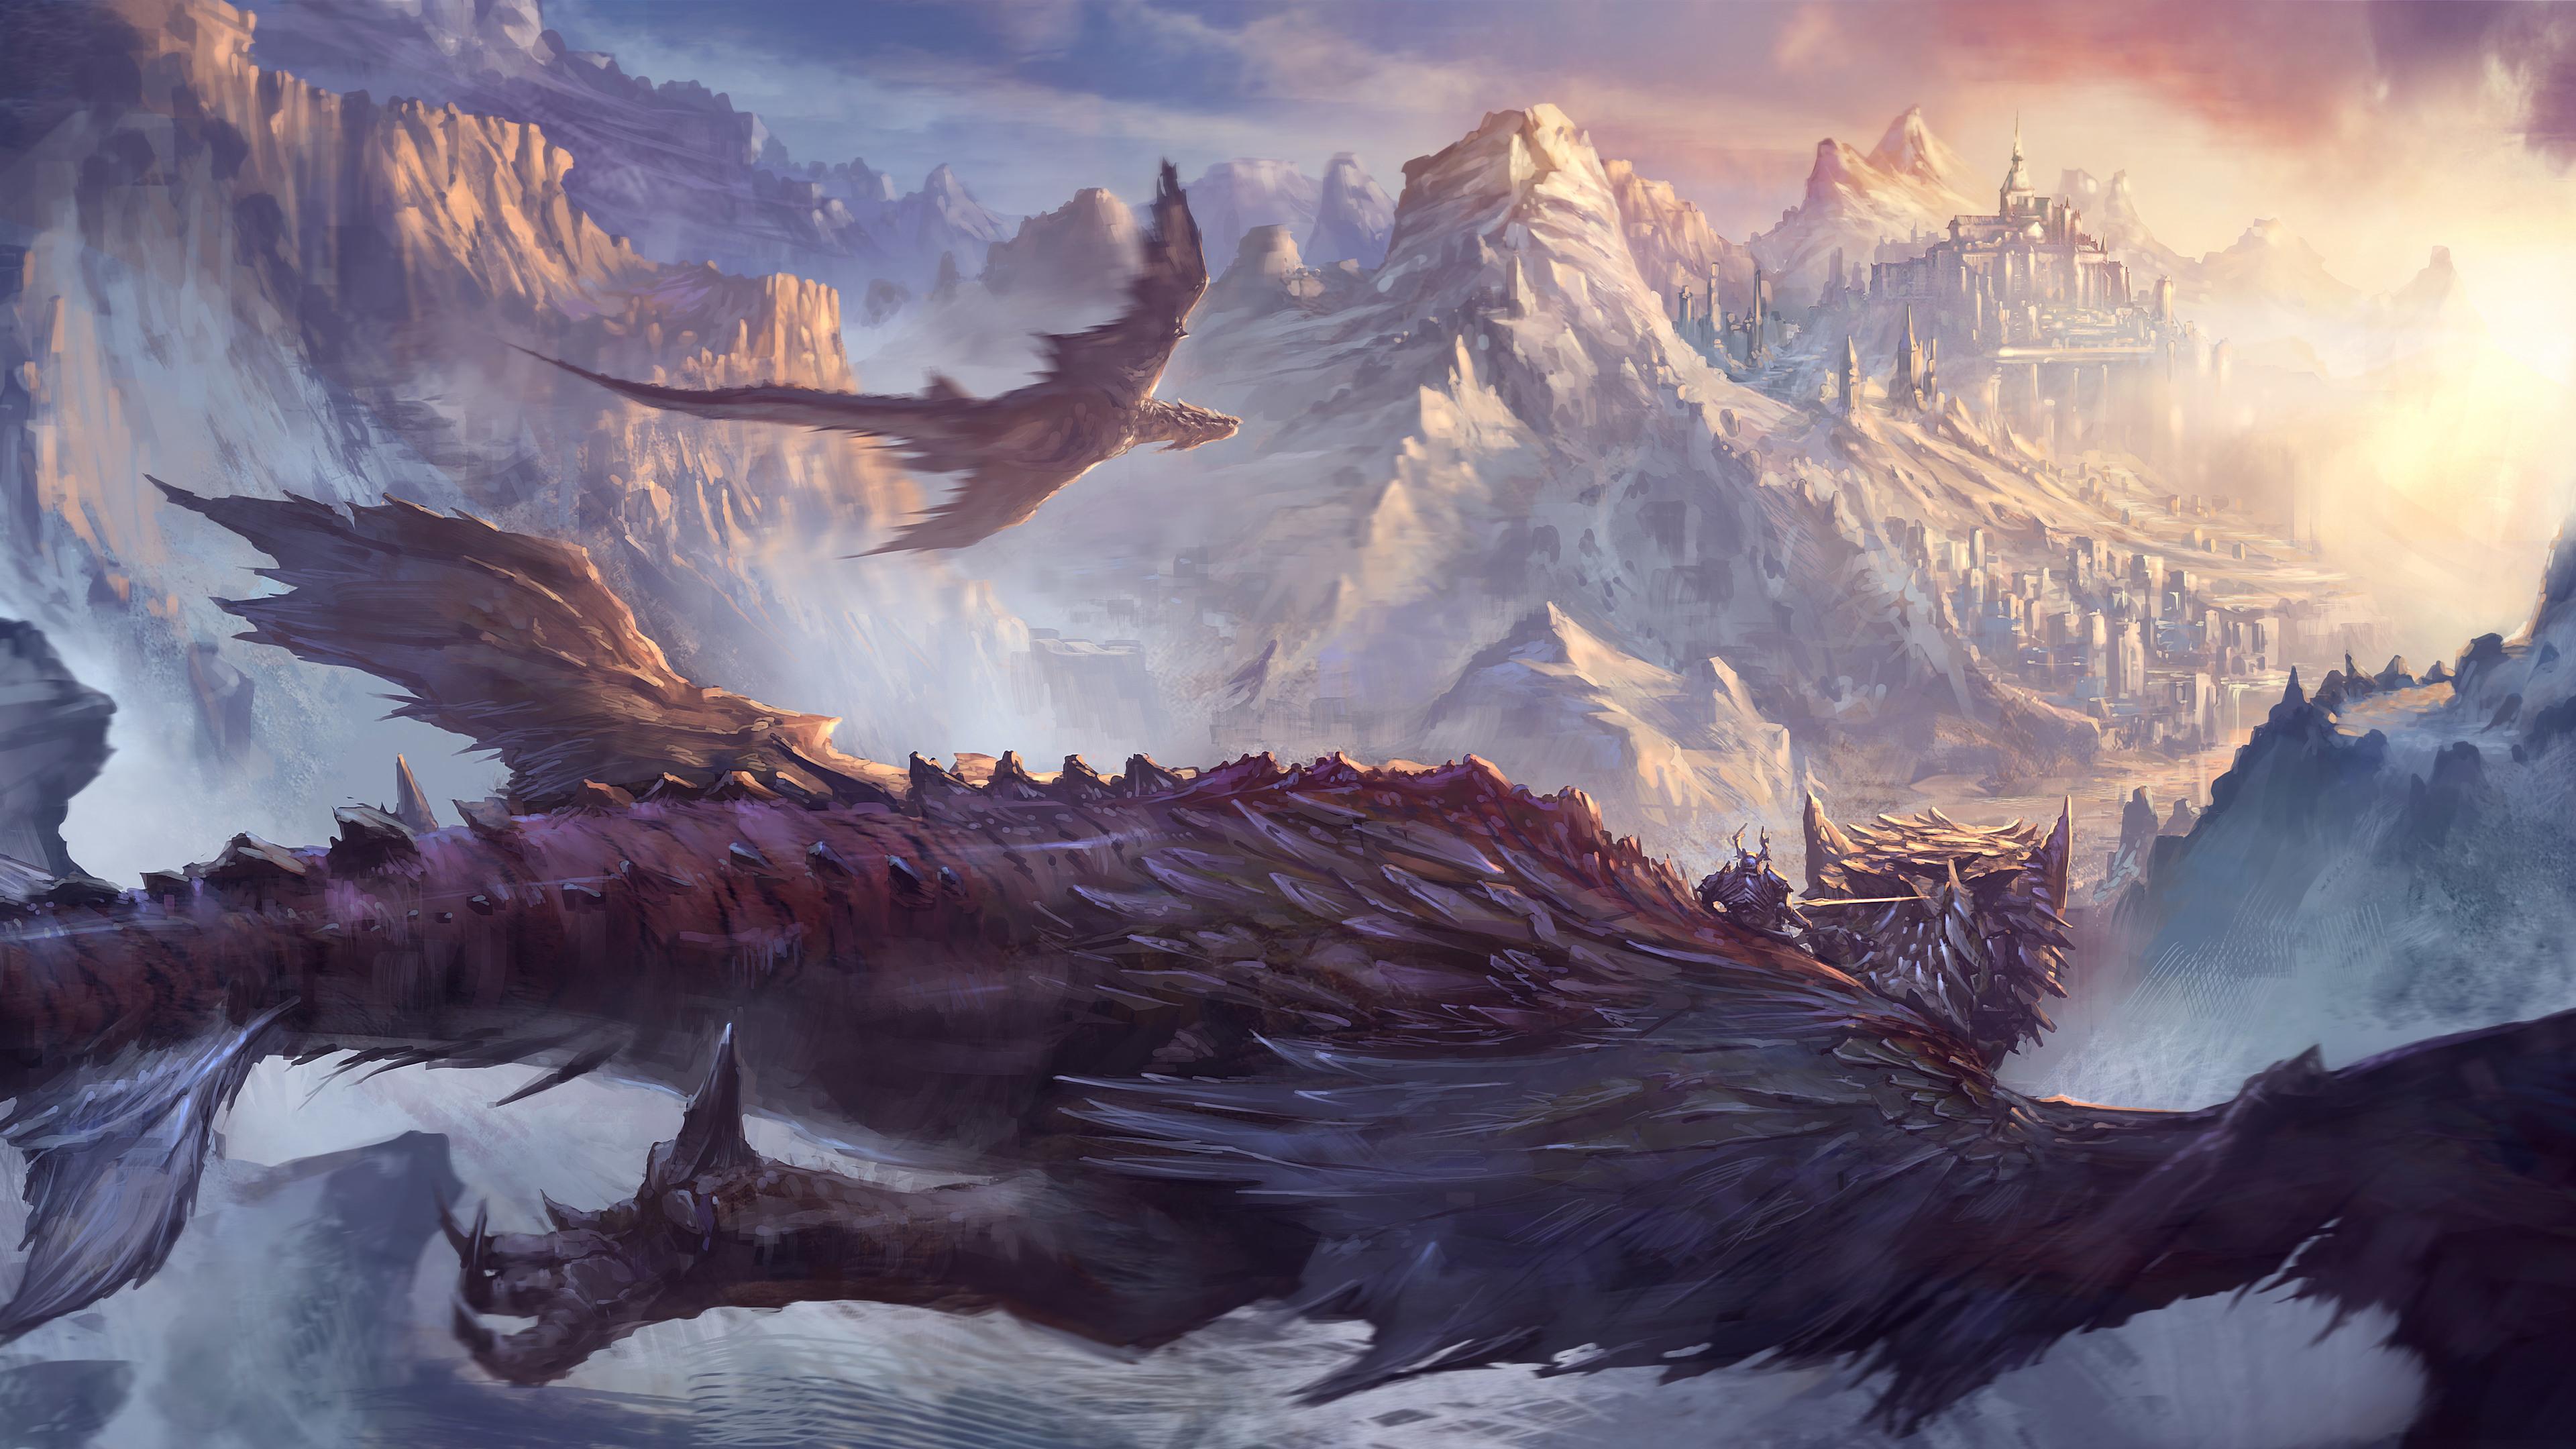 dragon fantasy artwork 4k 1540749671 - Dragon Fantasy Artwork 4k - hd-wallpapers, fantasy wallpapers, dragon wallpapers, digital art wallpapers, deviantart wallpapers, artwork wallpapers, artist wallpapers, 5k wallpapers, 4k-wallpapers